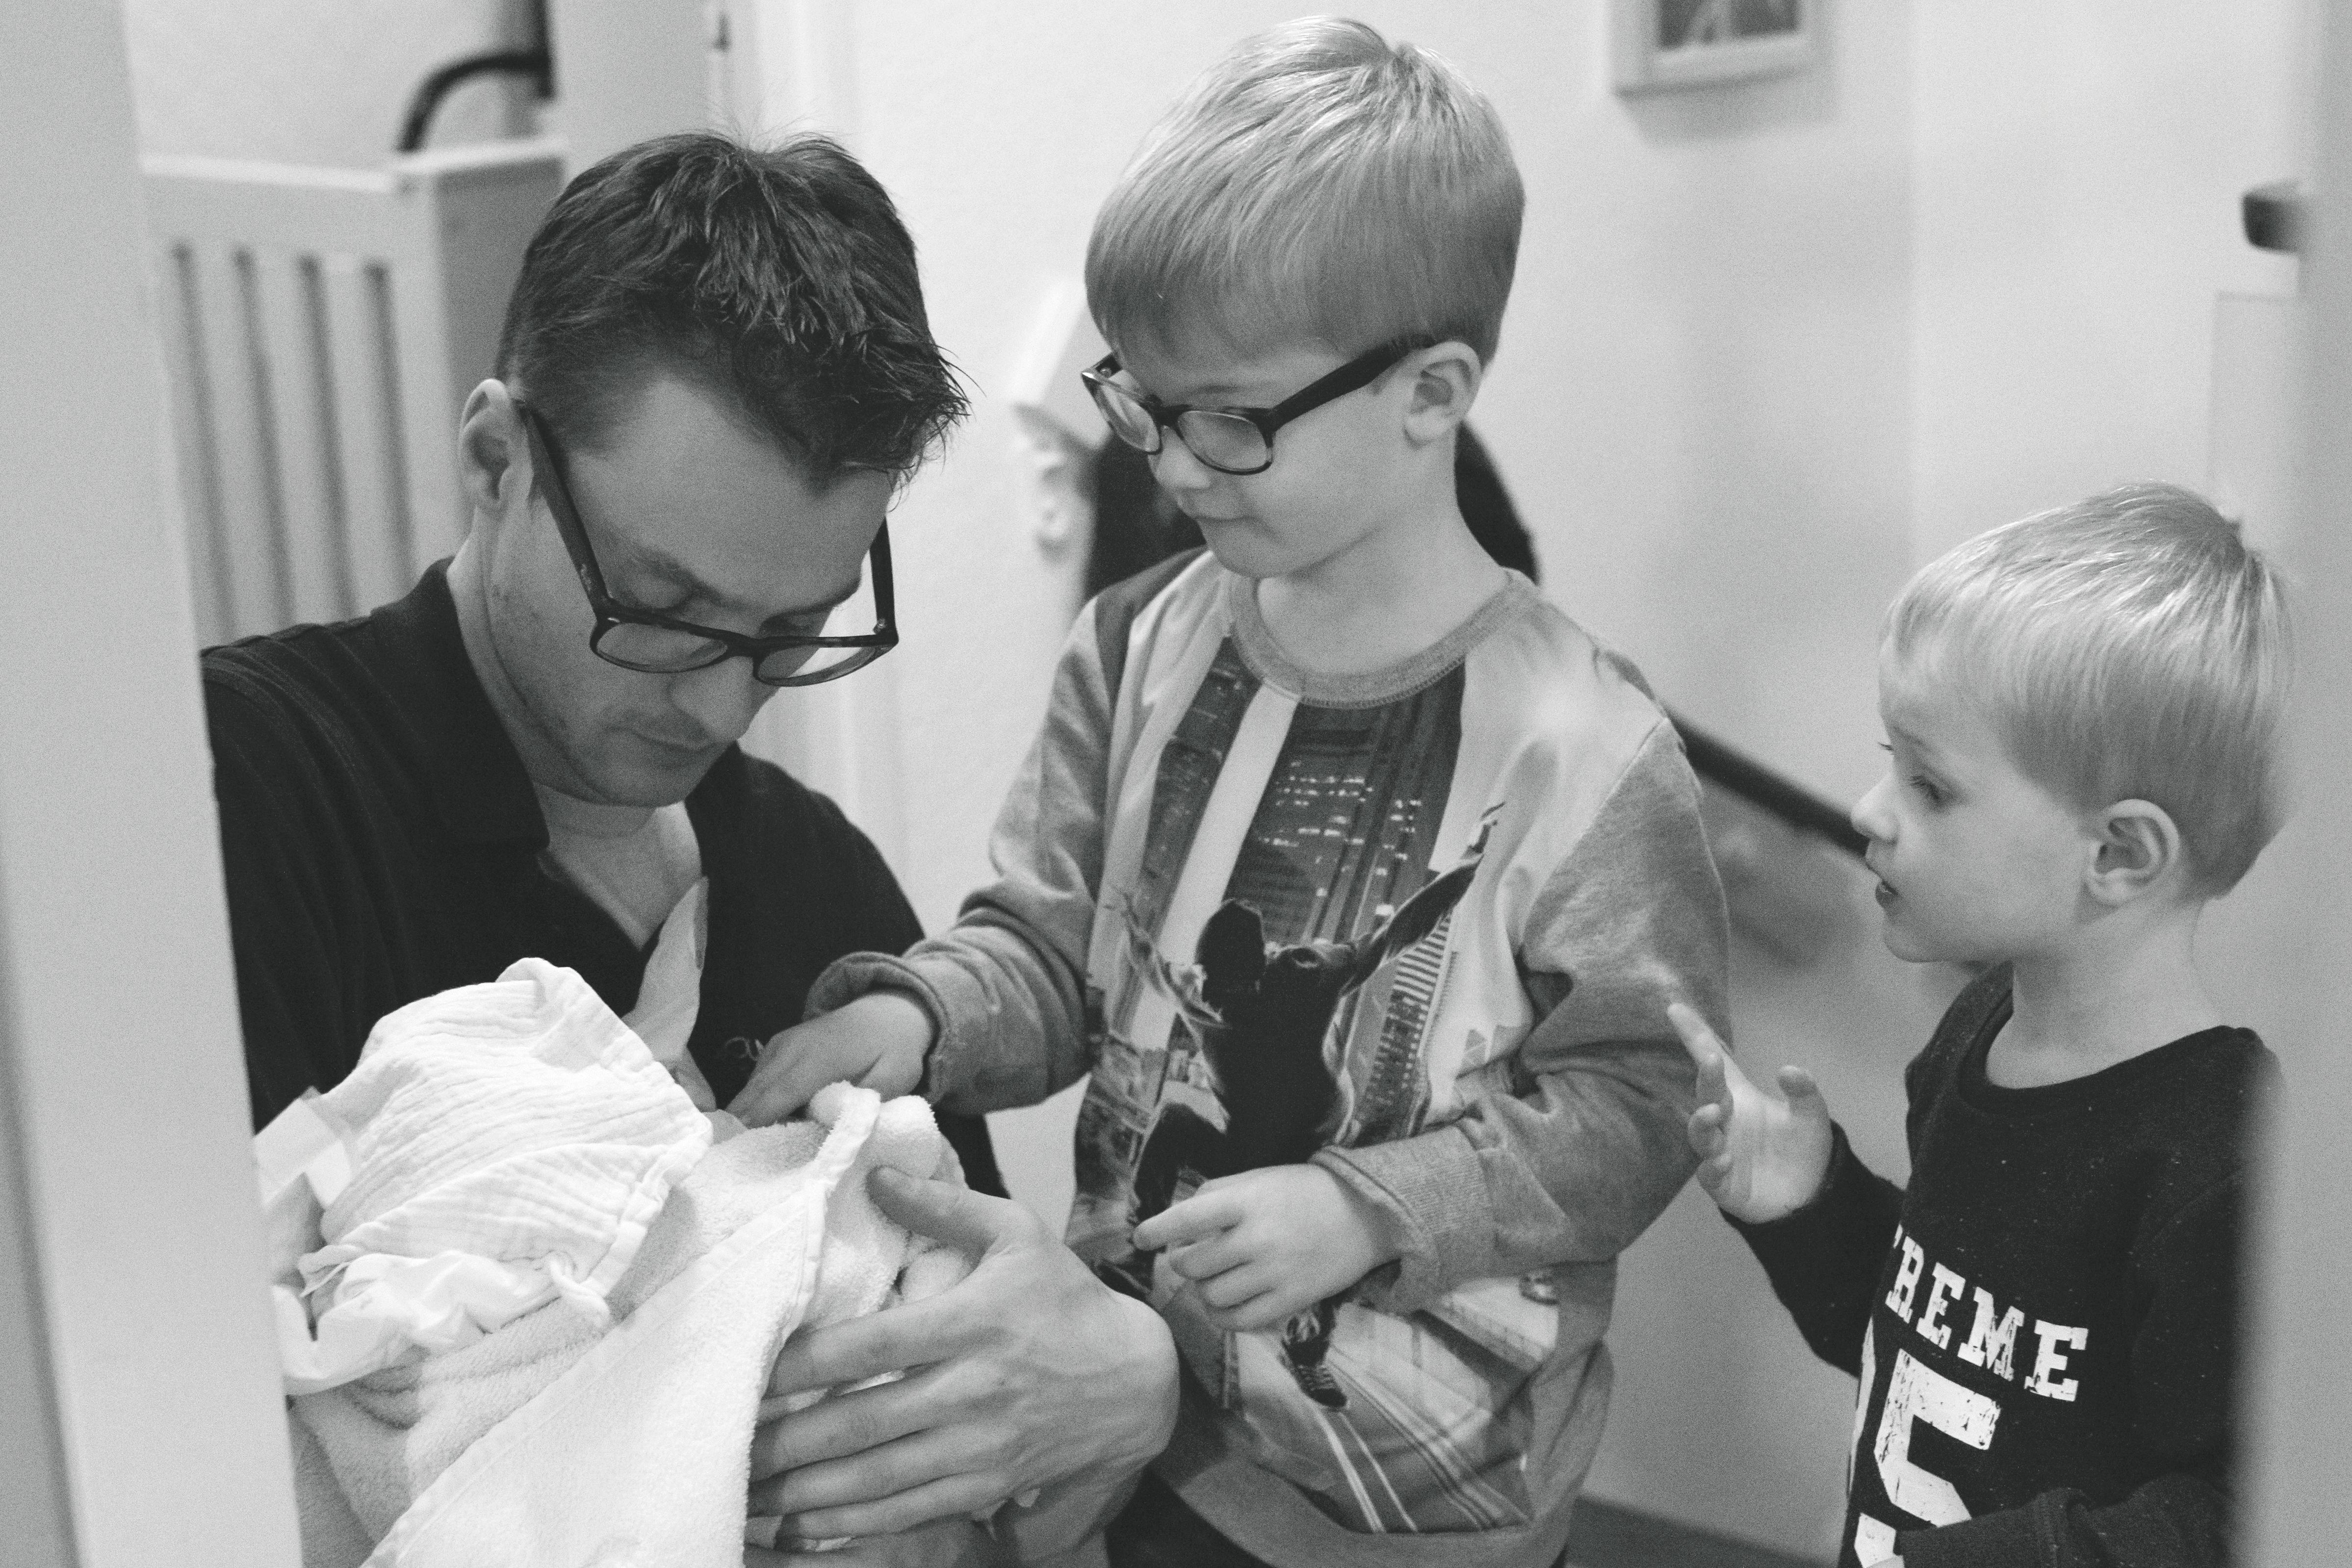 De bevalling - Suzanne beviel met haar twee zoontjes erbij: